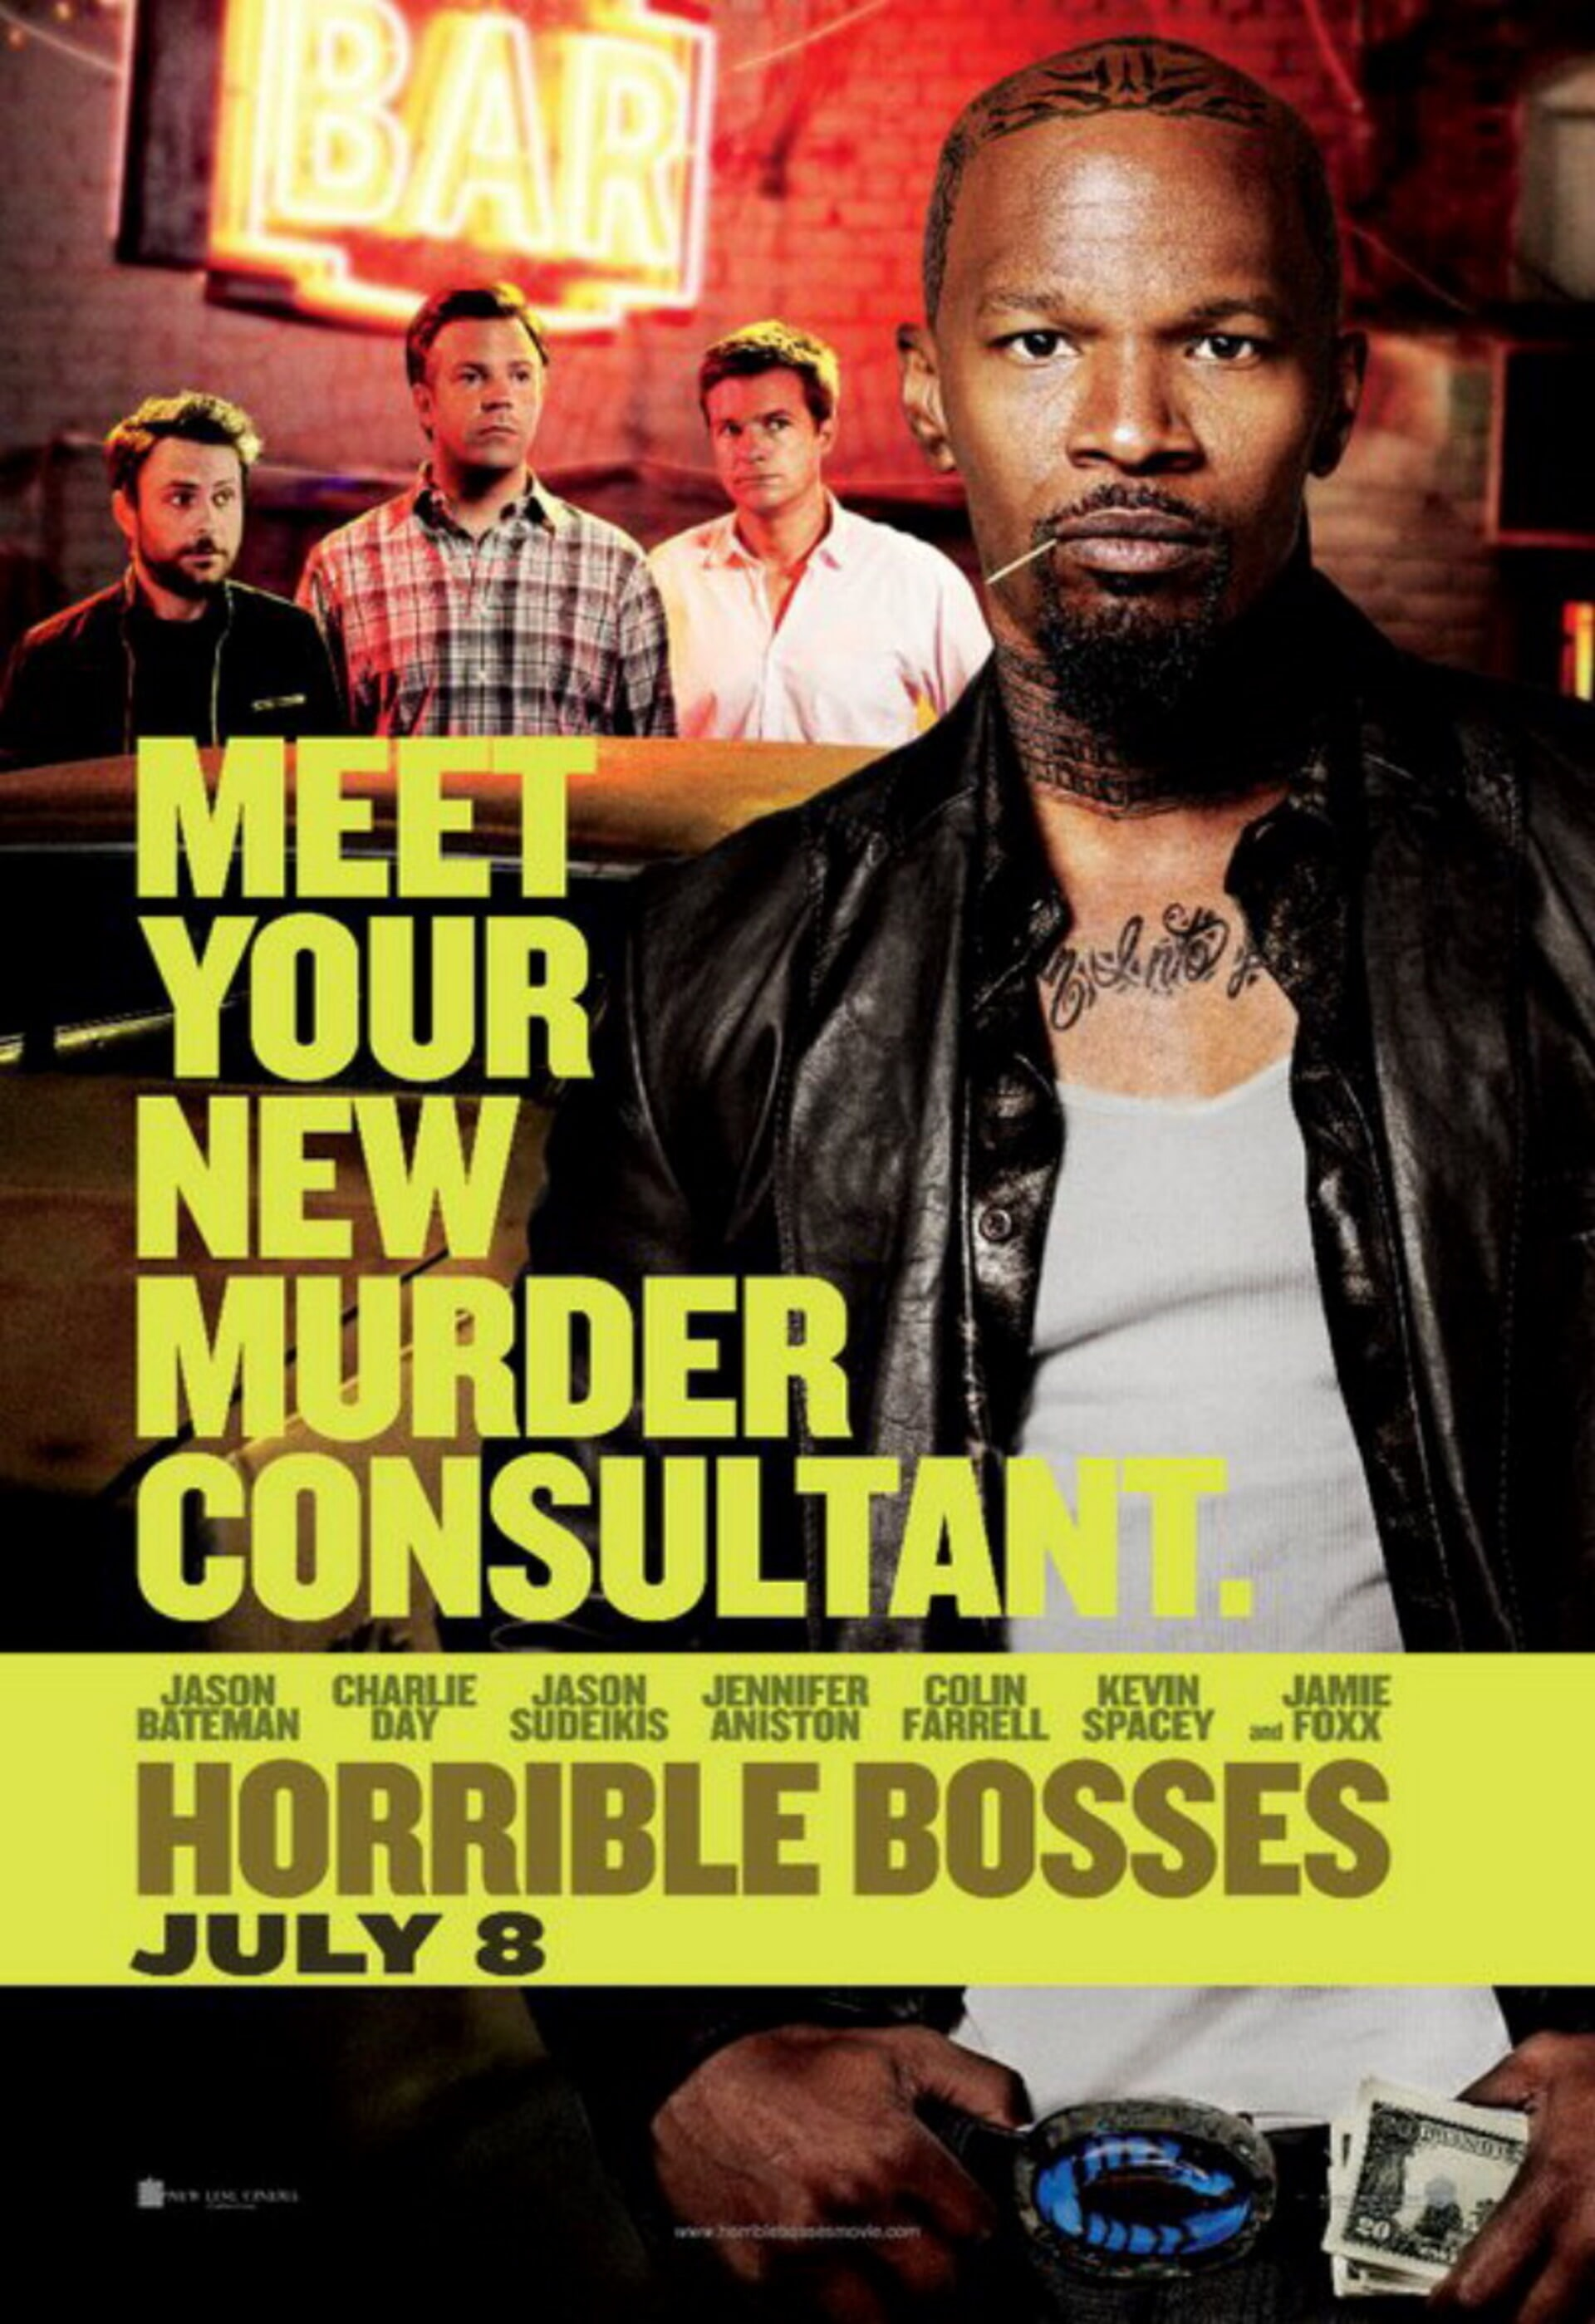 Horrible Bosses - Poster 6